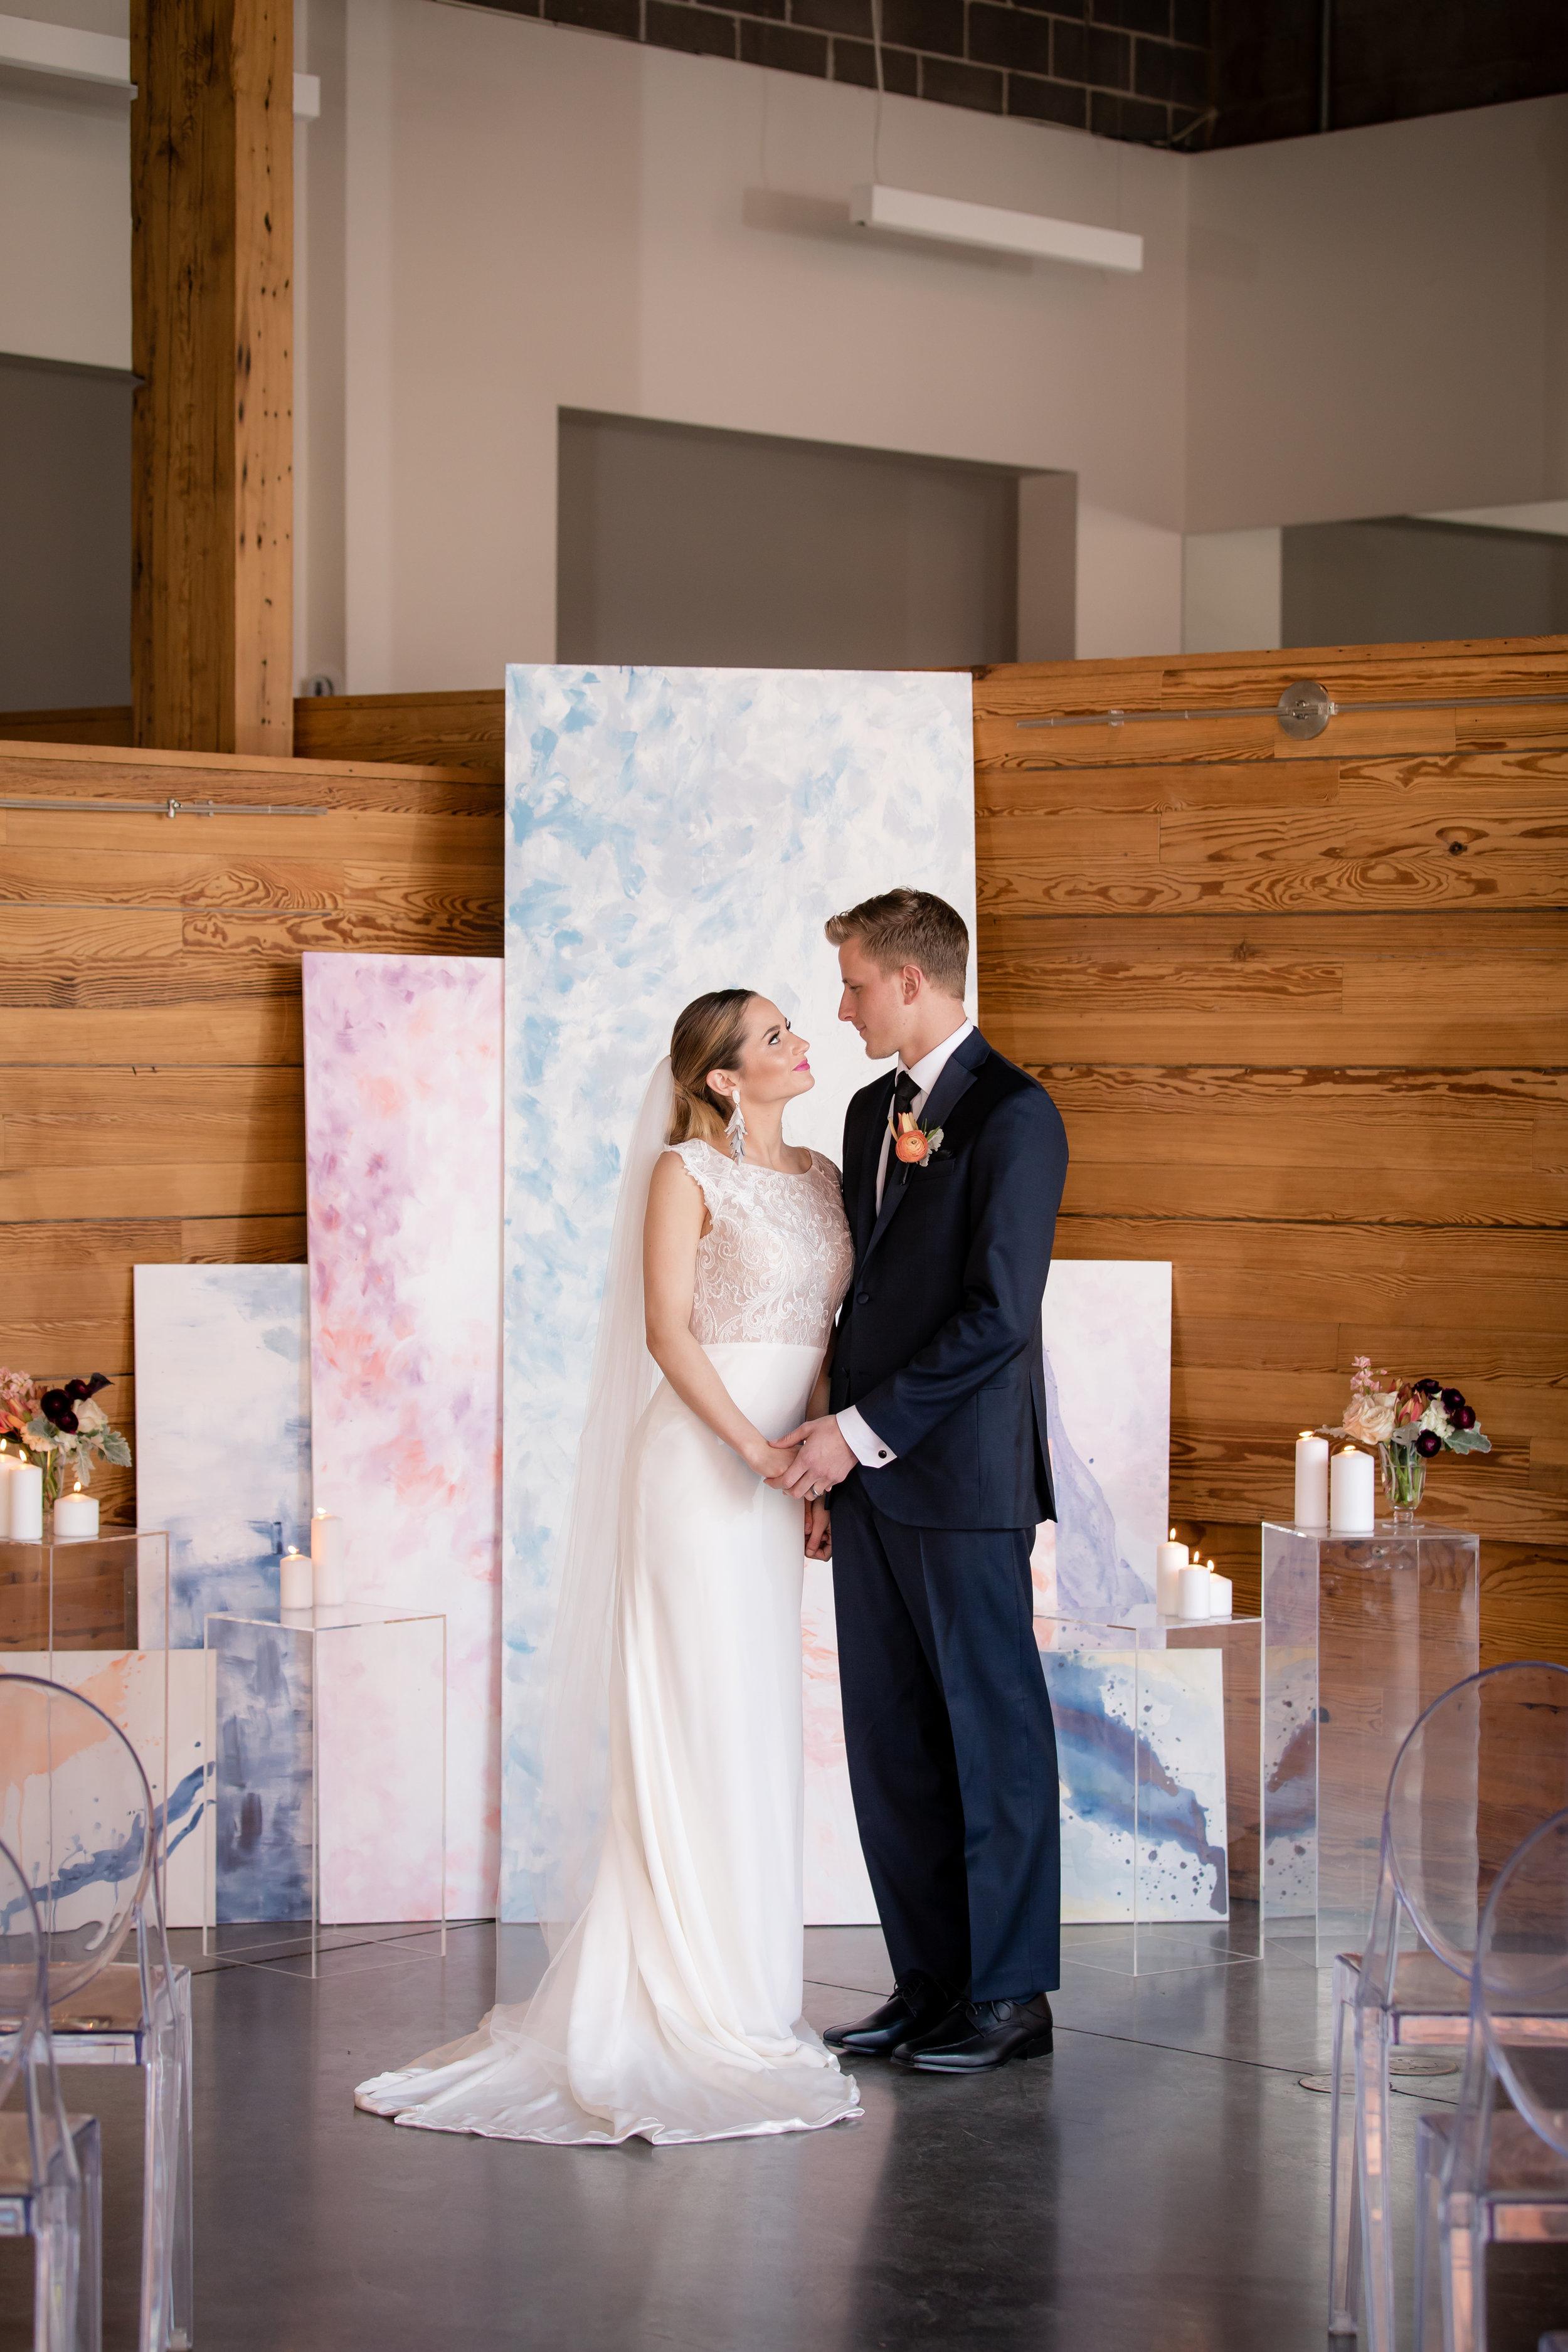 Watercolor Wedding Backdrop